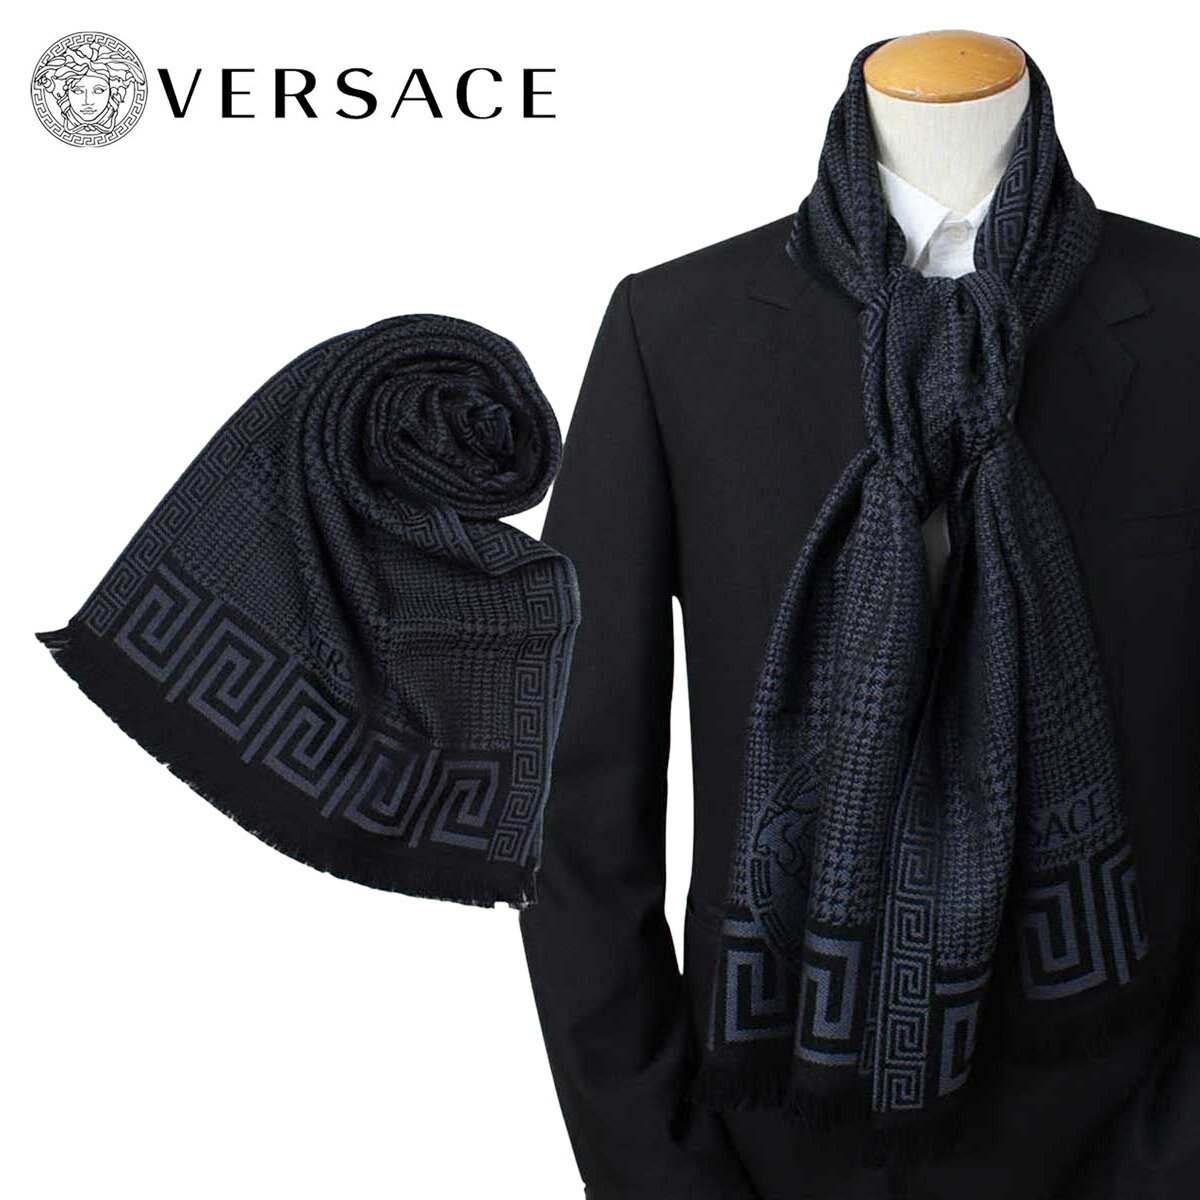 VERSACE マフラー ヴェルサーチ ベルサーチ メンズ ウール イタリア製 カジュアル ビジネス 0665 [12/7 追加入荷]